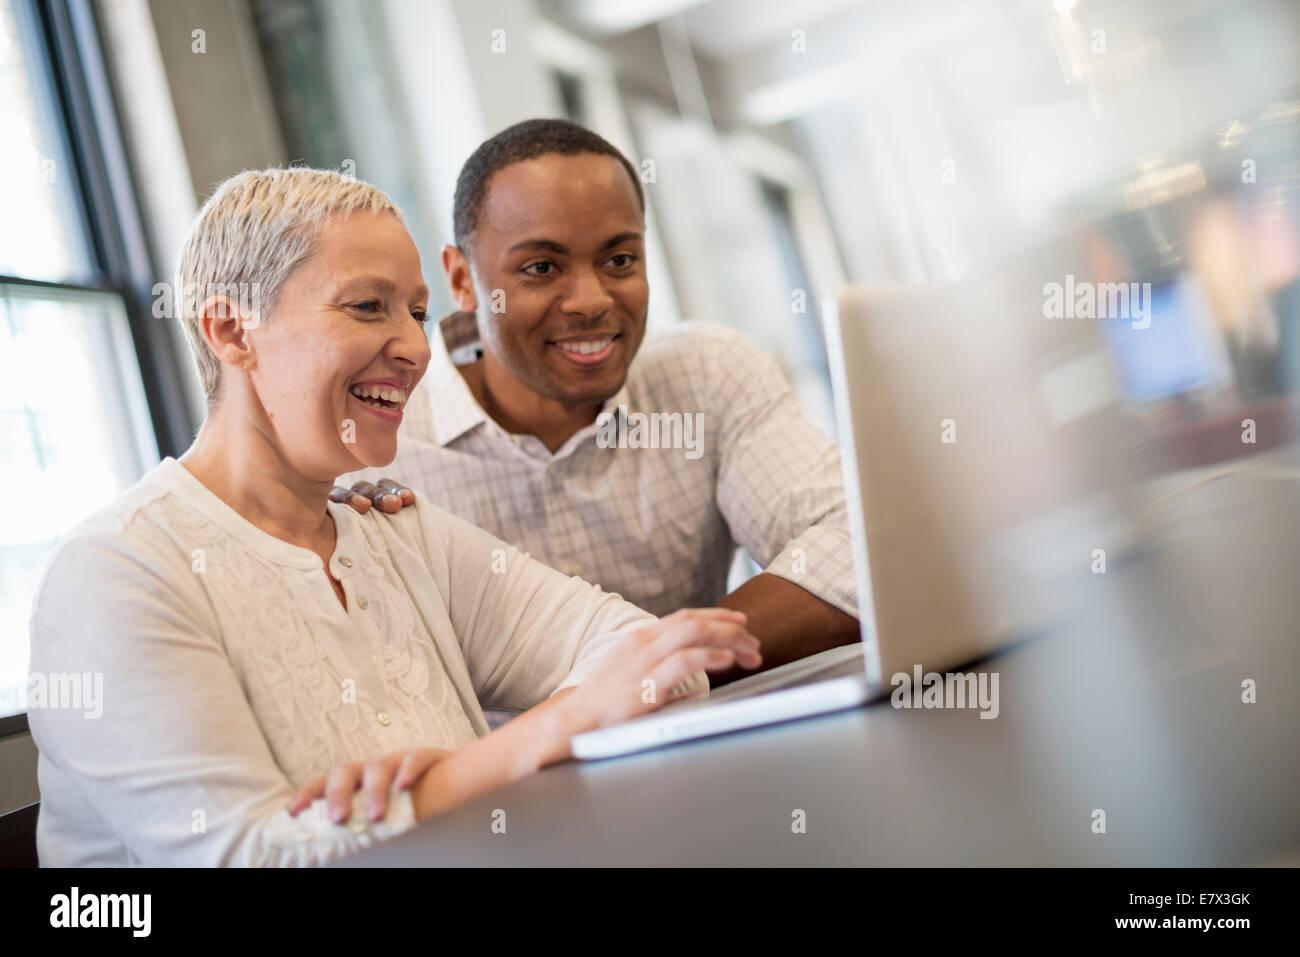 Büroalltag. Zwei Menschen, Mann und Frau ein Laptop-Bildschirm betrachten und lachen. Stockbild